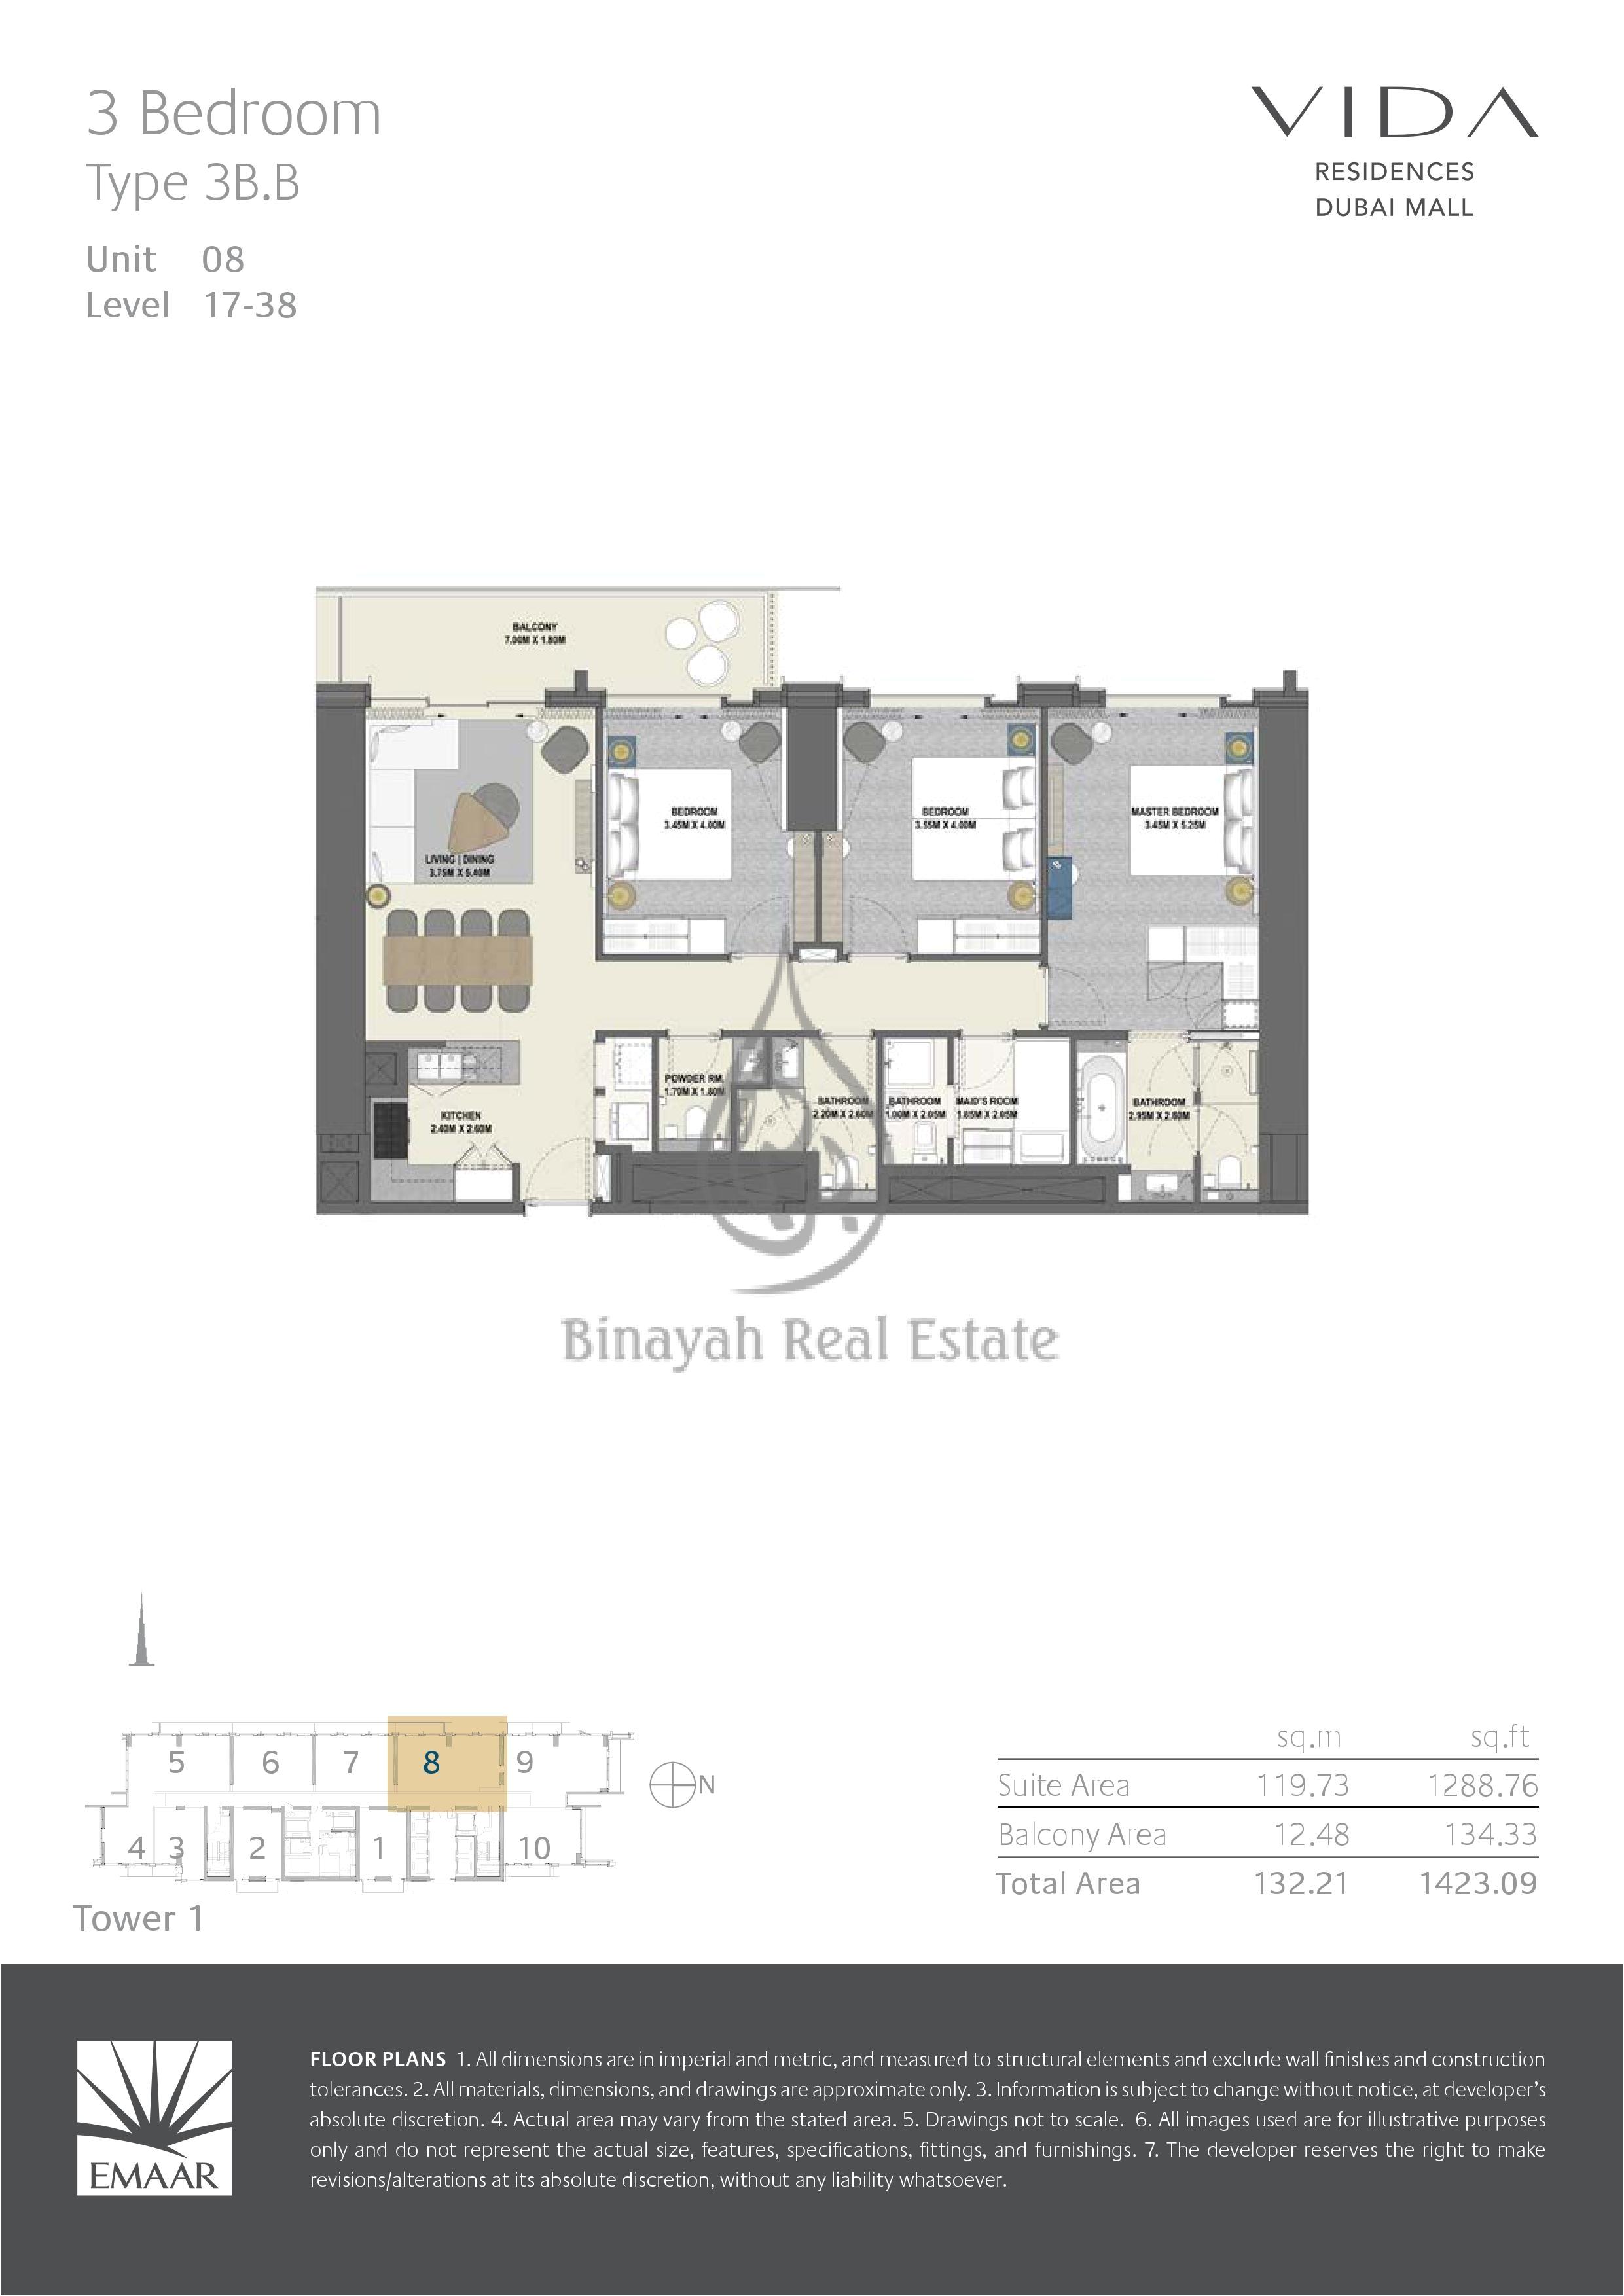 3 Bedroom Rv for Sale 3 Bedroom Rv Floor Plan Floor Plan Dream Home Pinterest